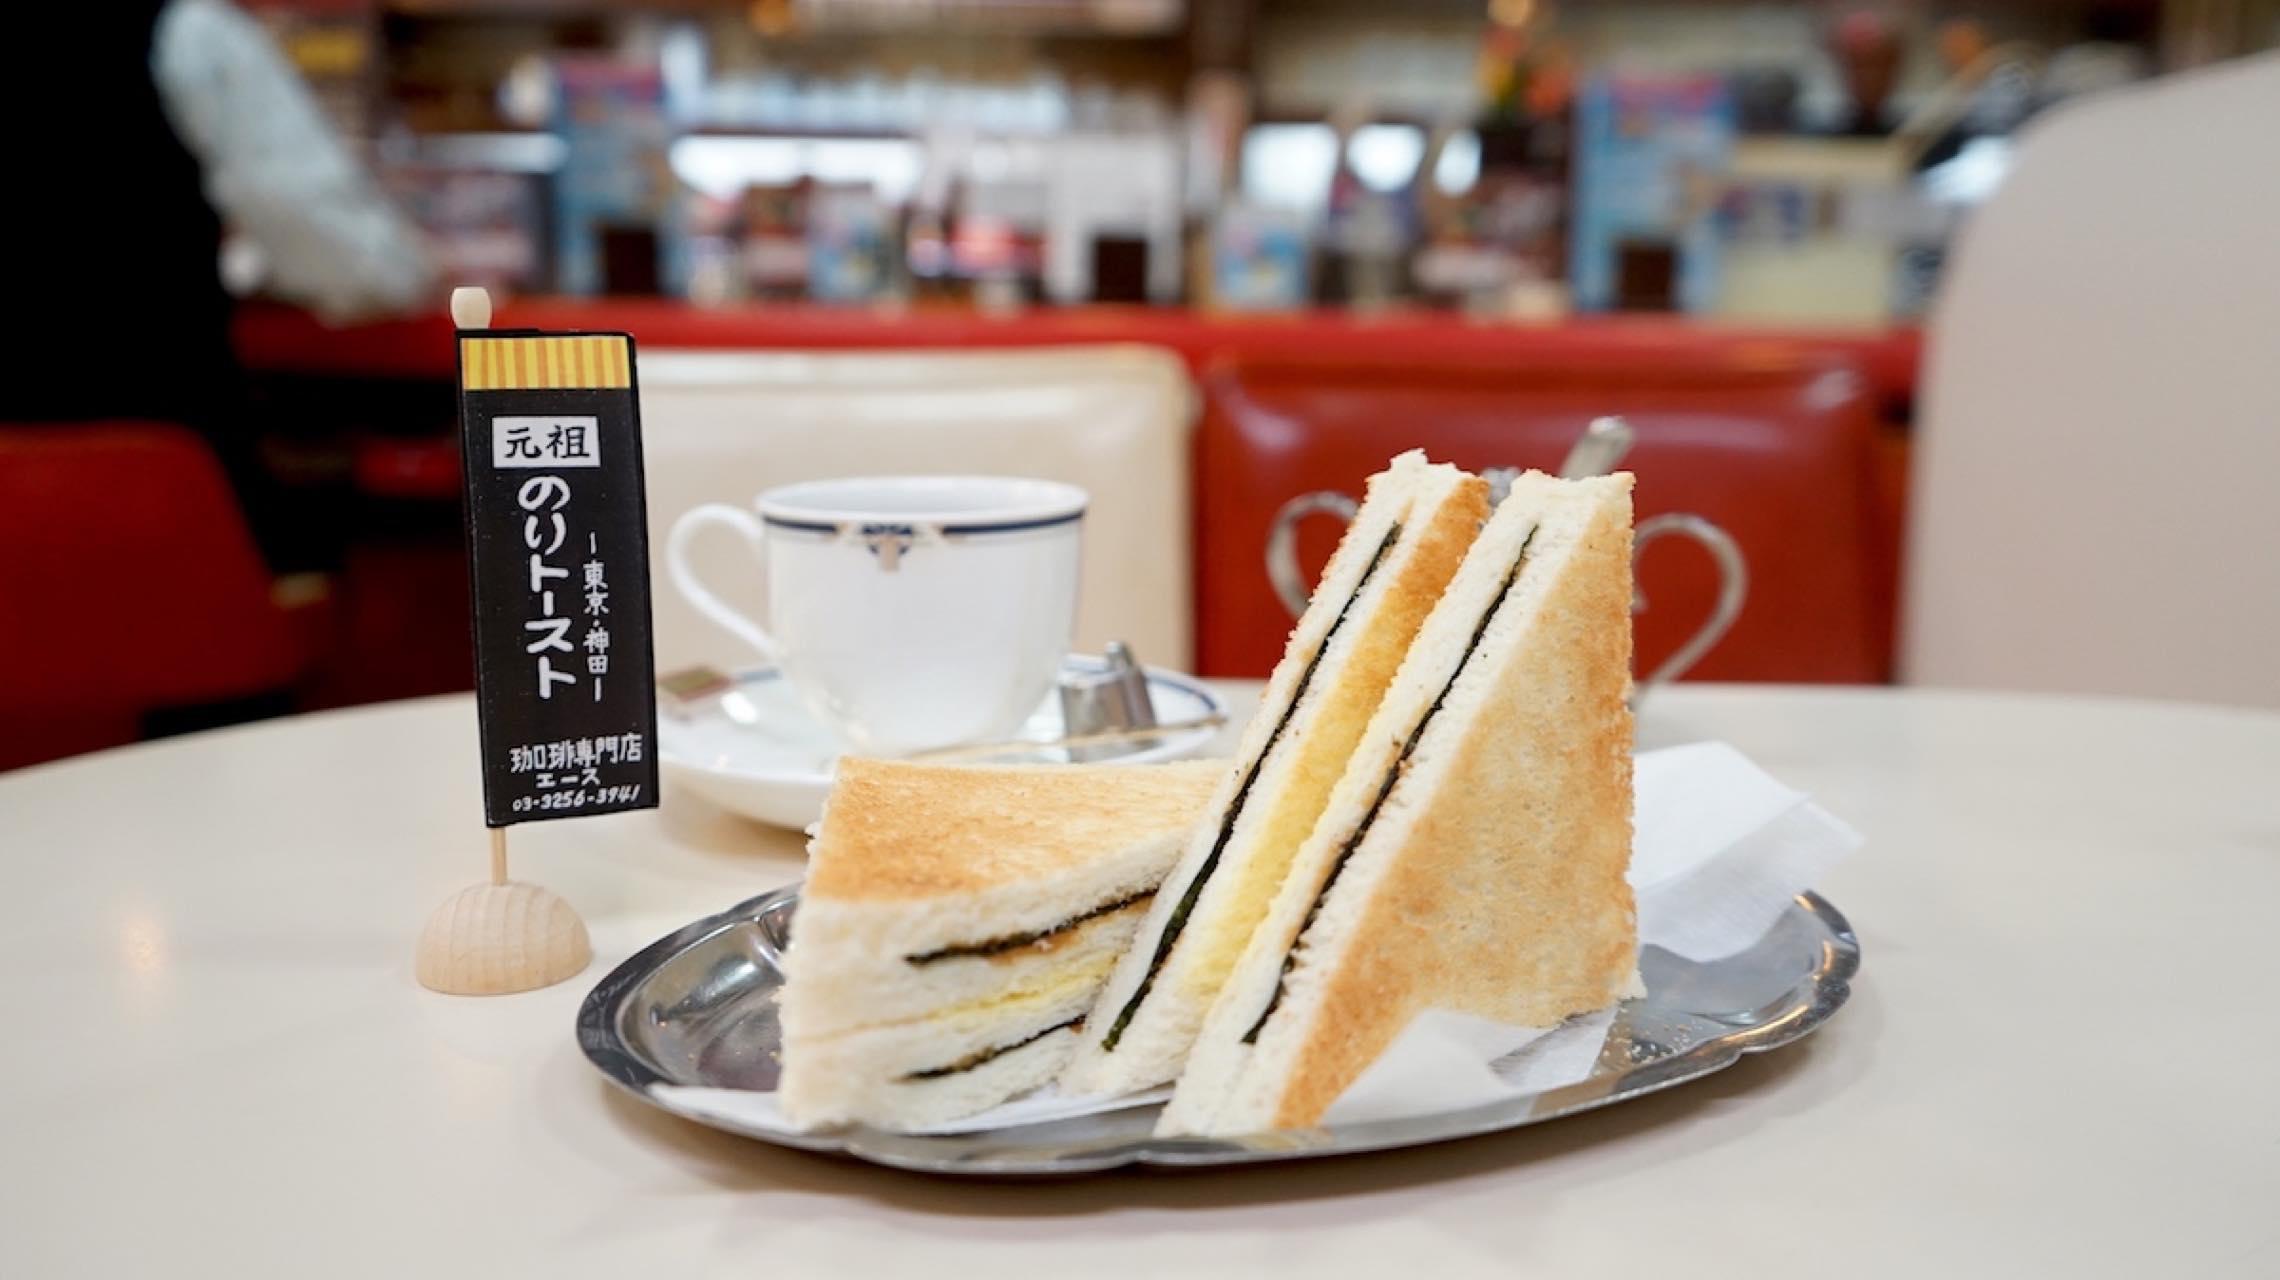 半世紀続く味。名物・元祖のりトーストを求めて神田「珈琲専門店エース」へ